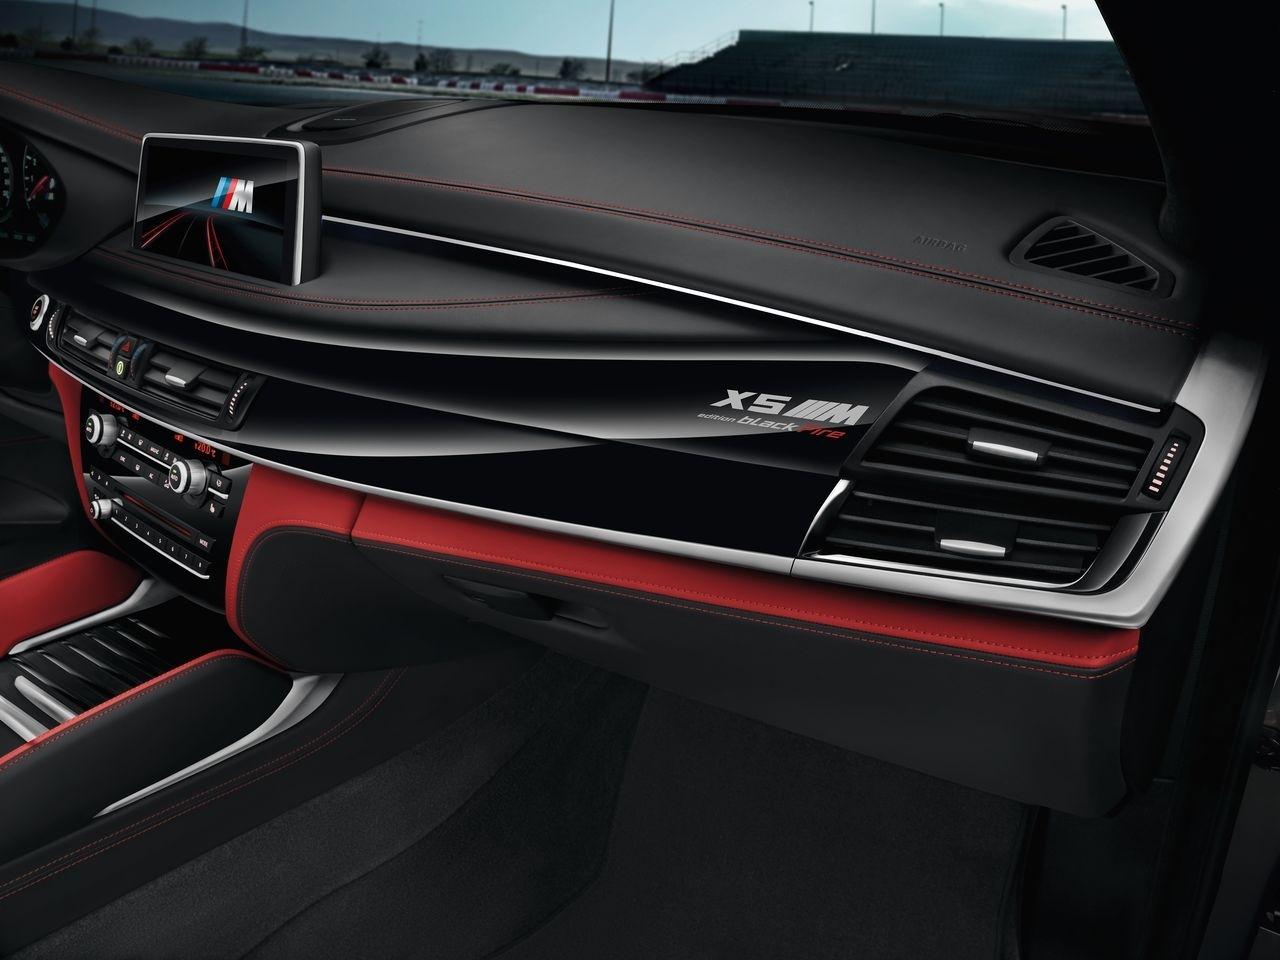 BMW X5M et X6M Black Fire Edition - 03